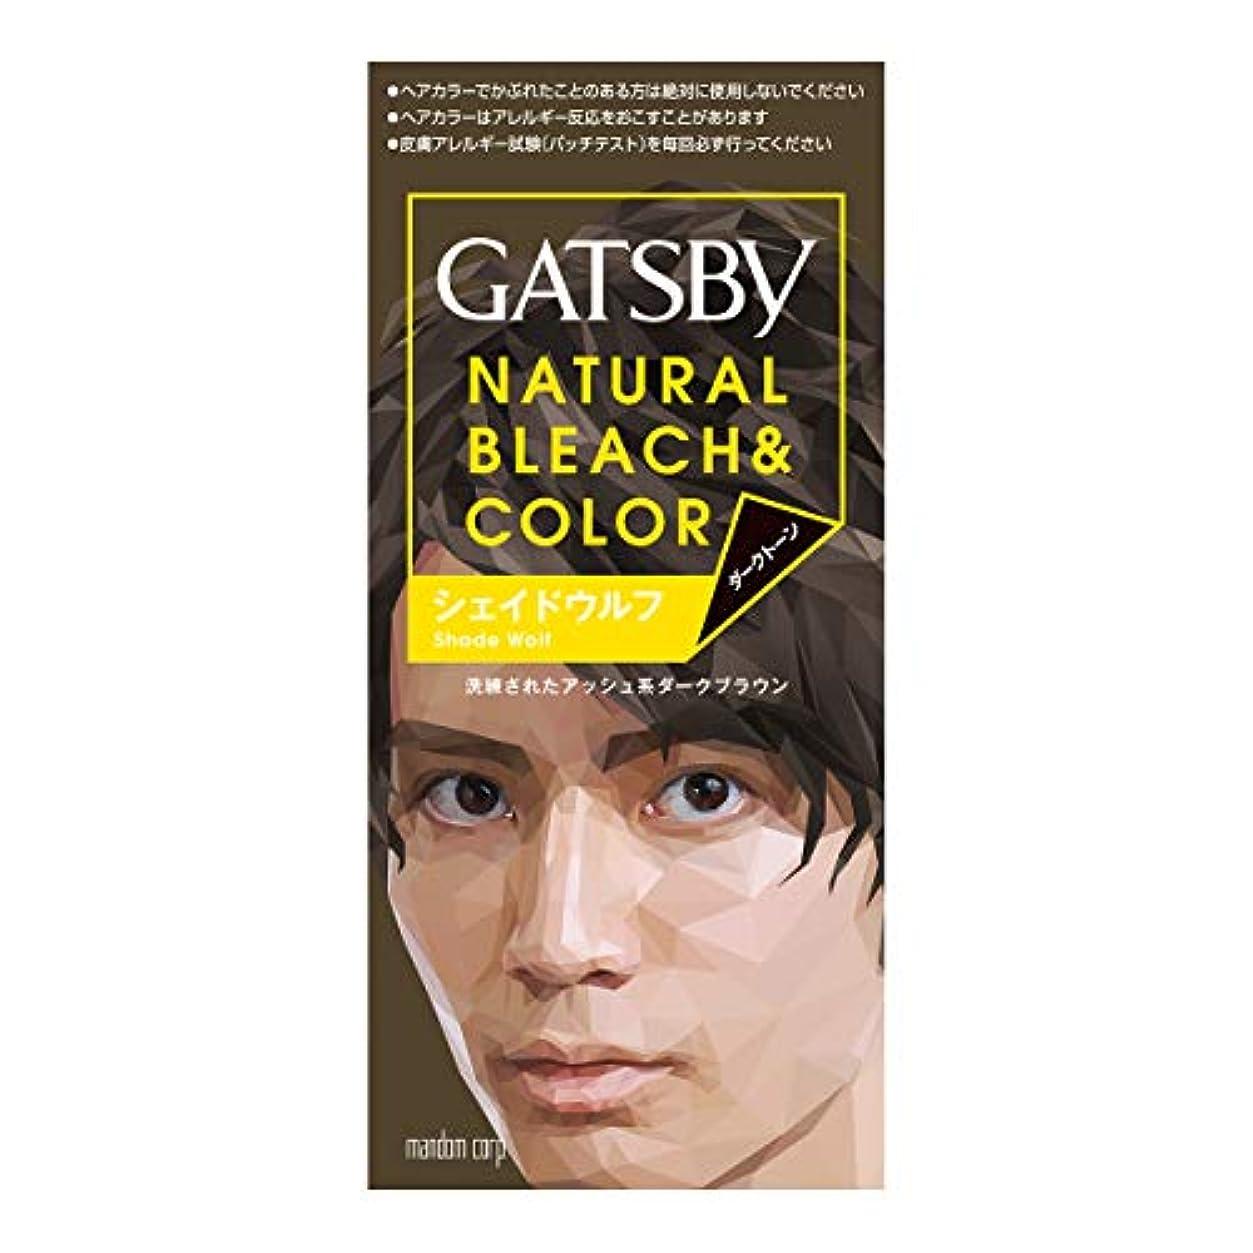 最大化する近似苦行GATSBY(ギャツビー) ナチュラルブリーチカラー シェイドウルフ 1剤35g 2剤70mL (医薬部外品)